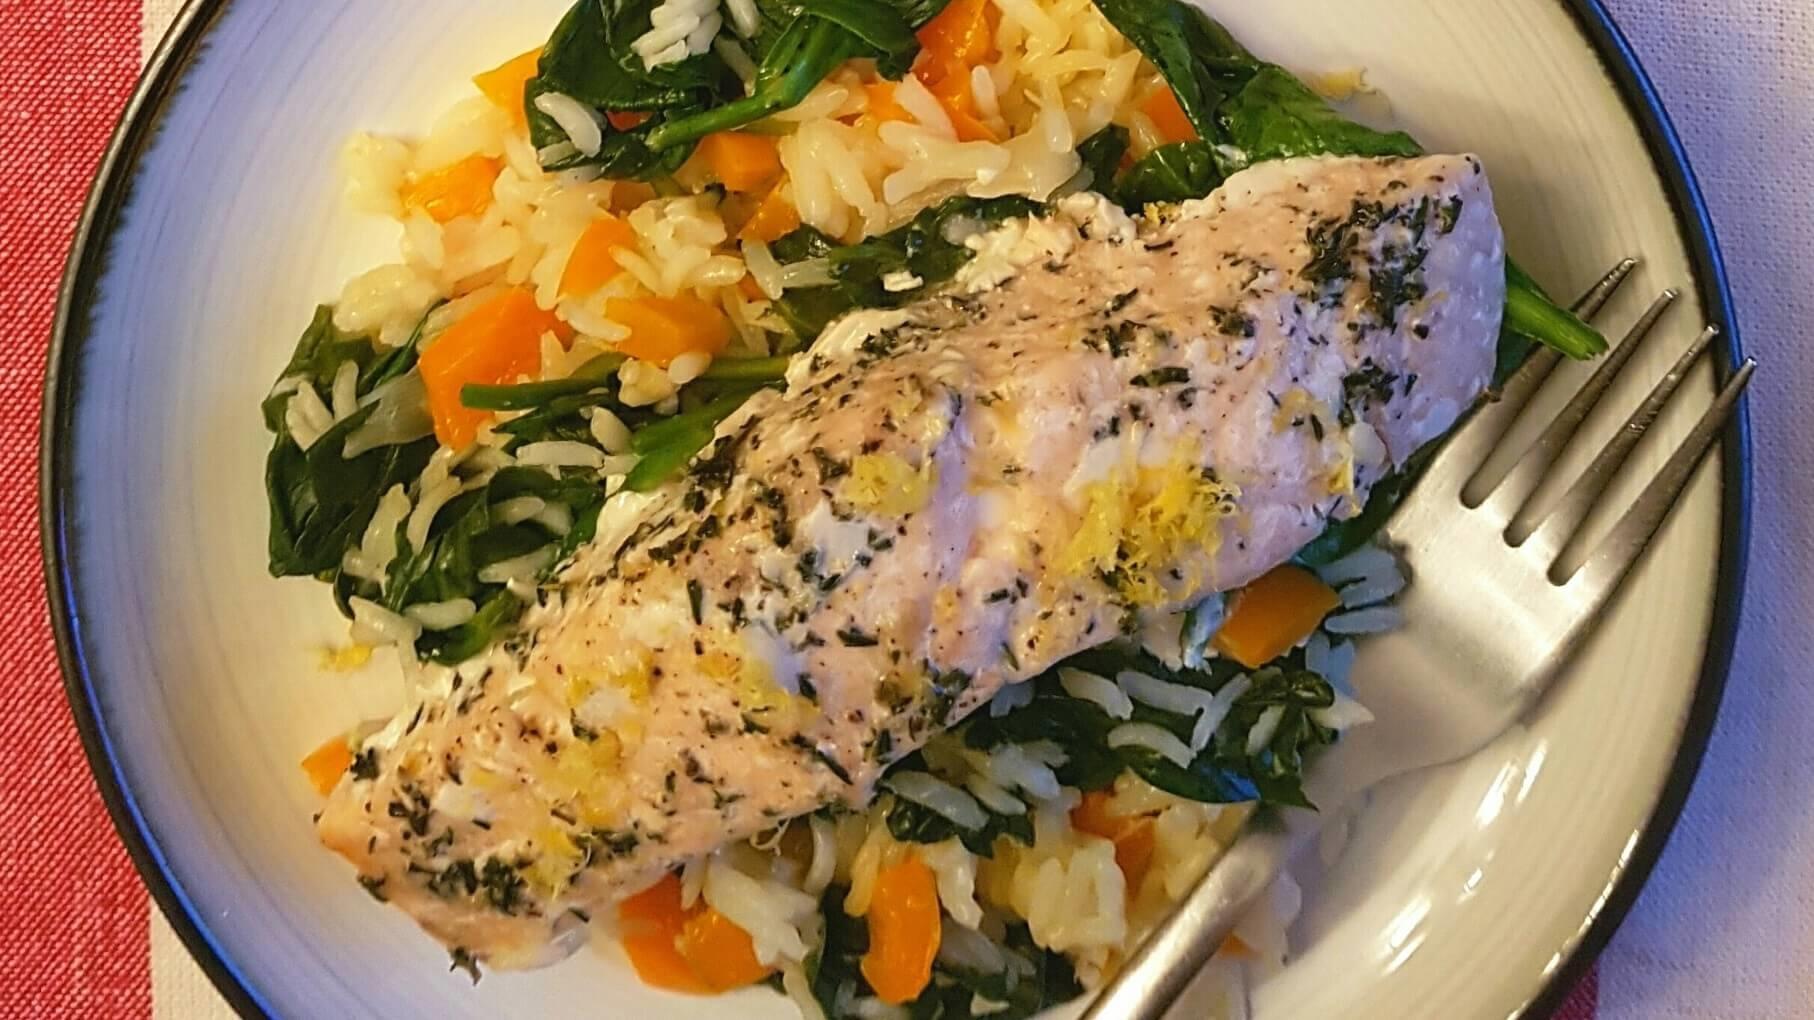 Assiette de saumon cuit, riz, épinards et carottes